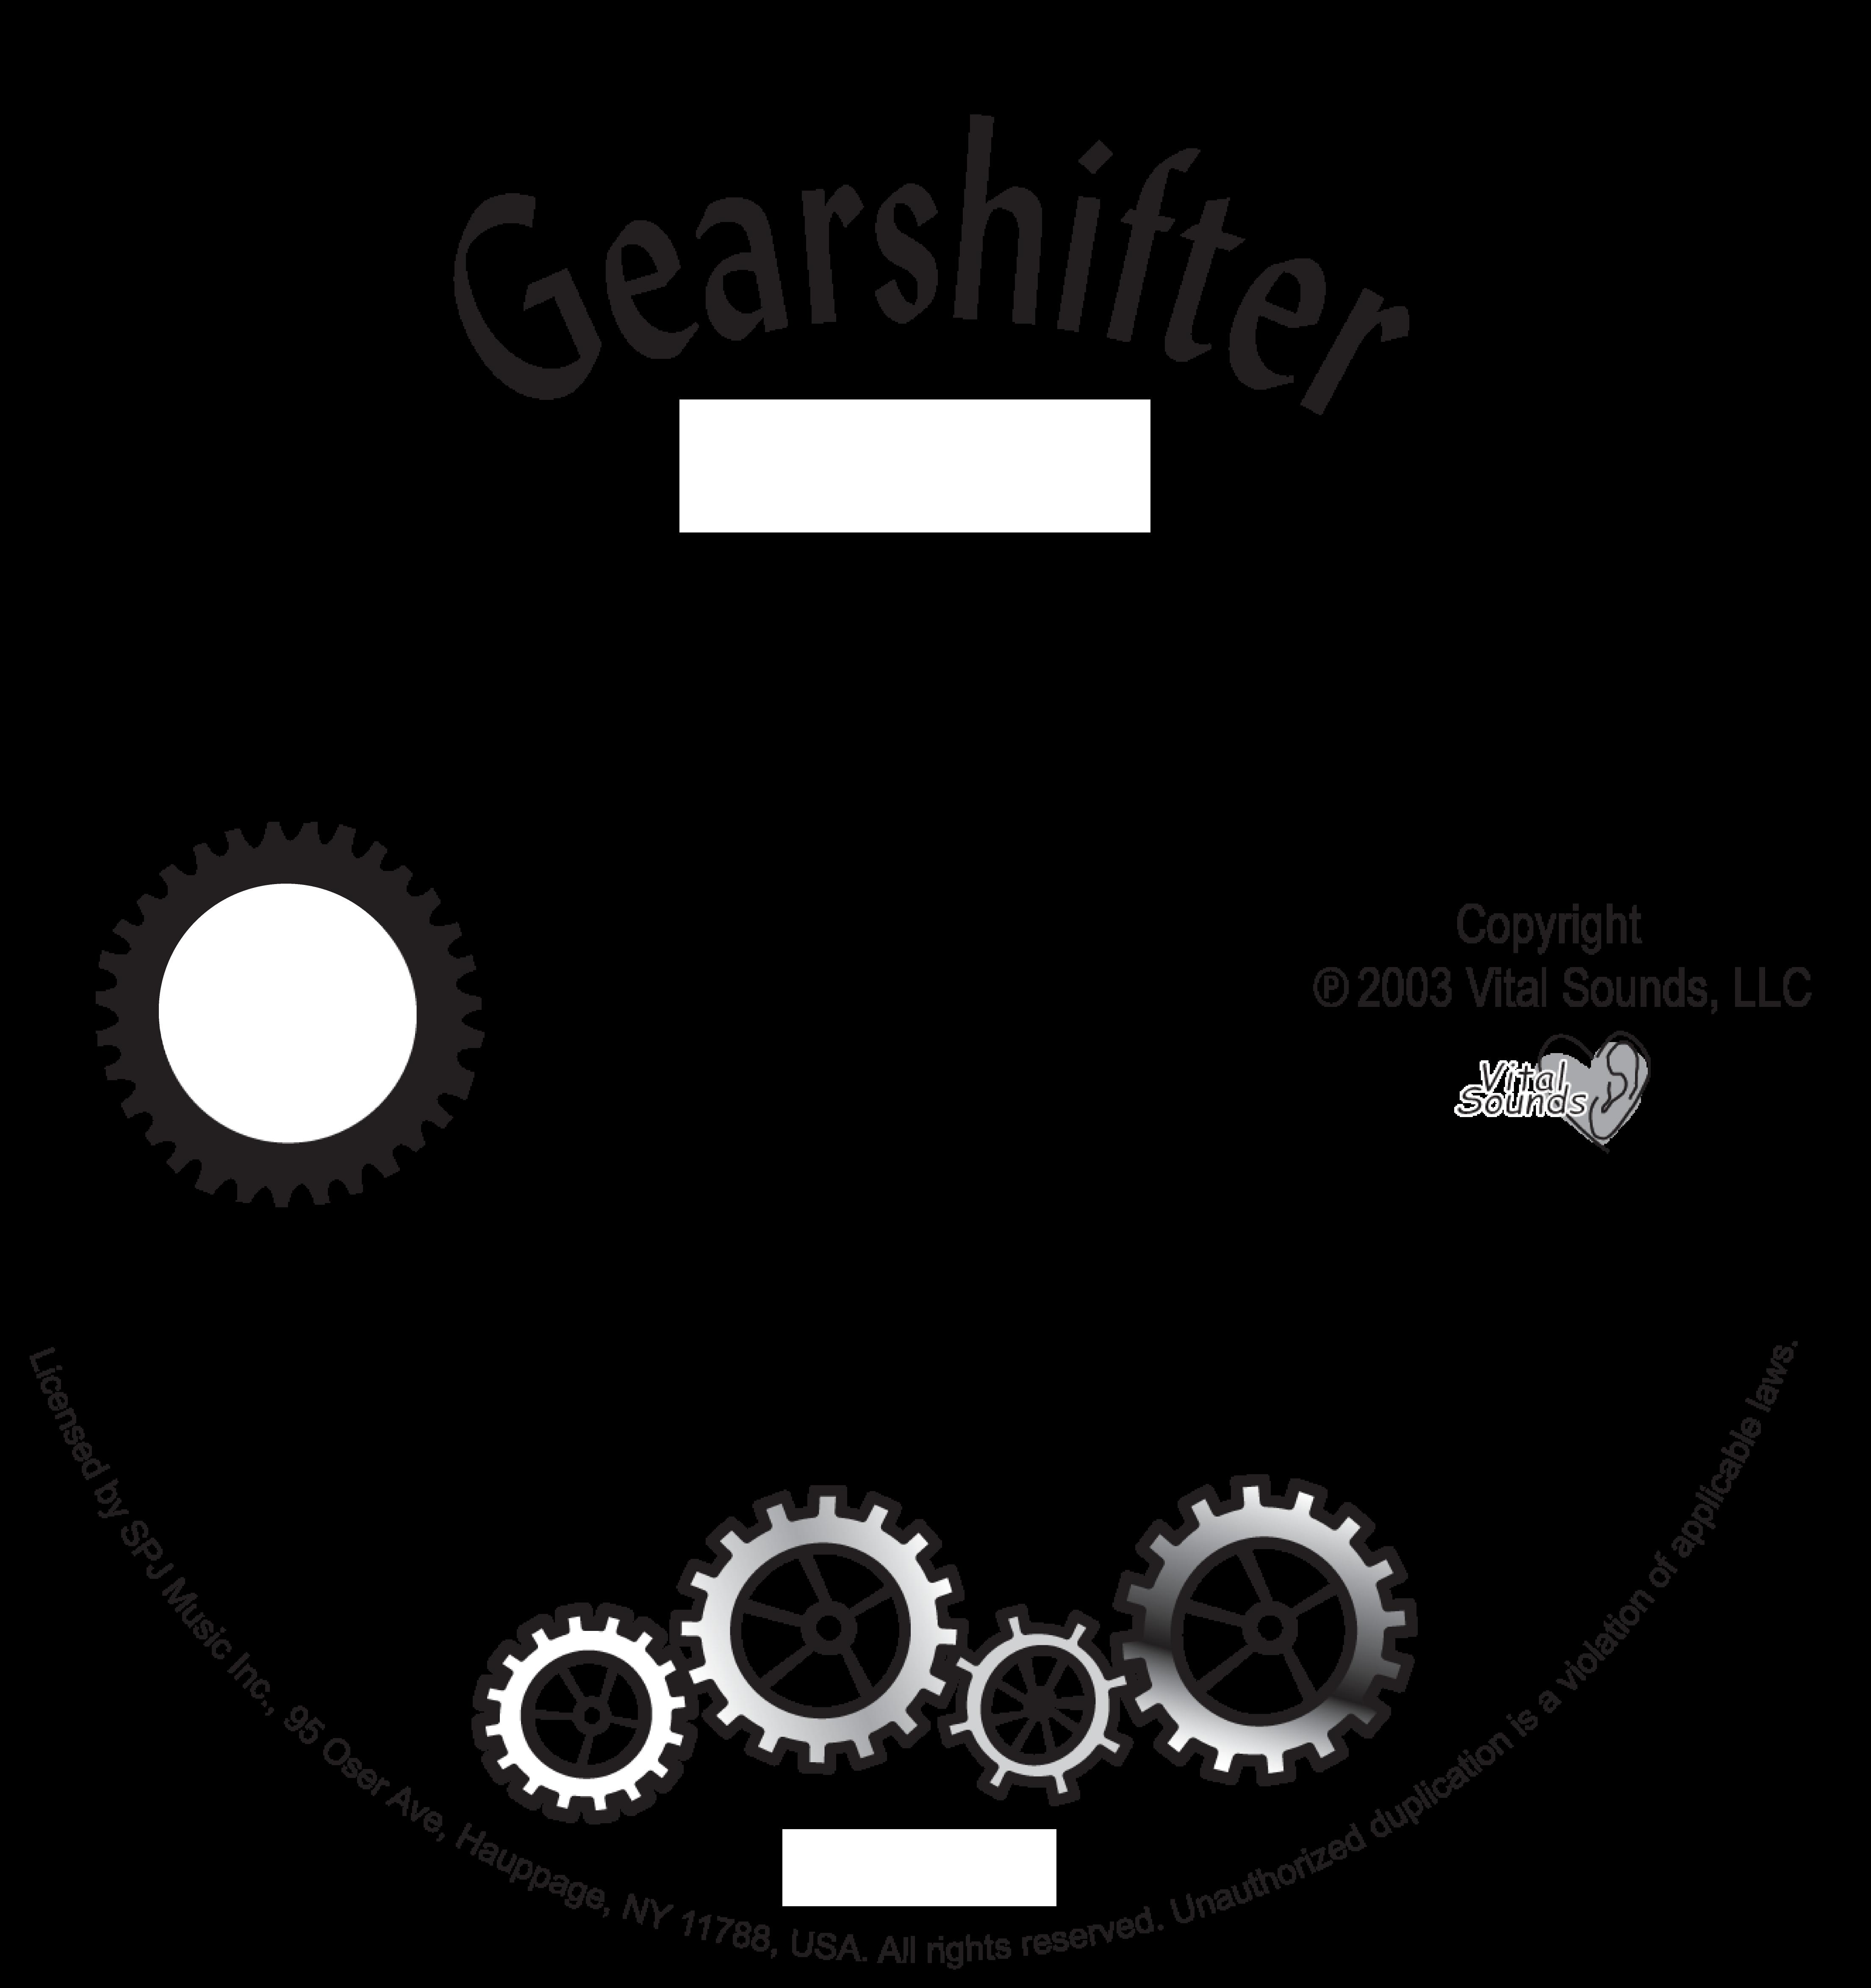 Gearshifters